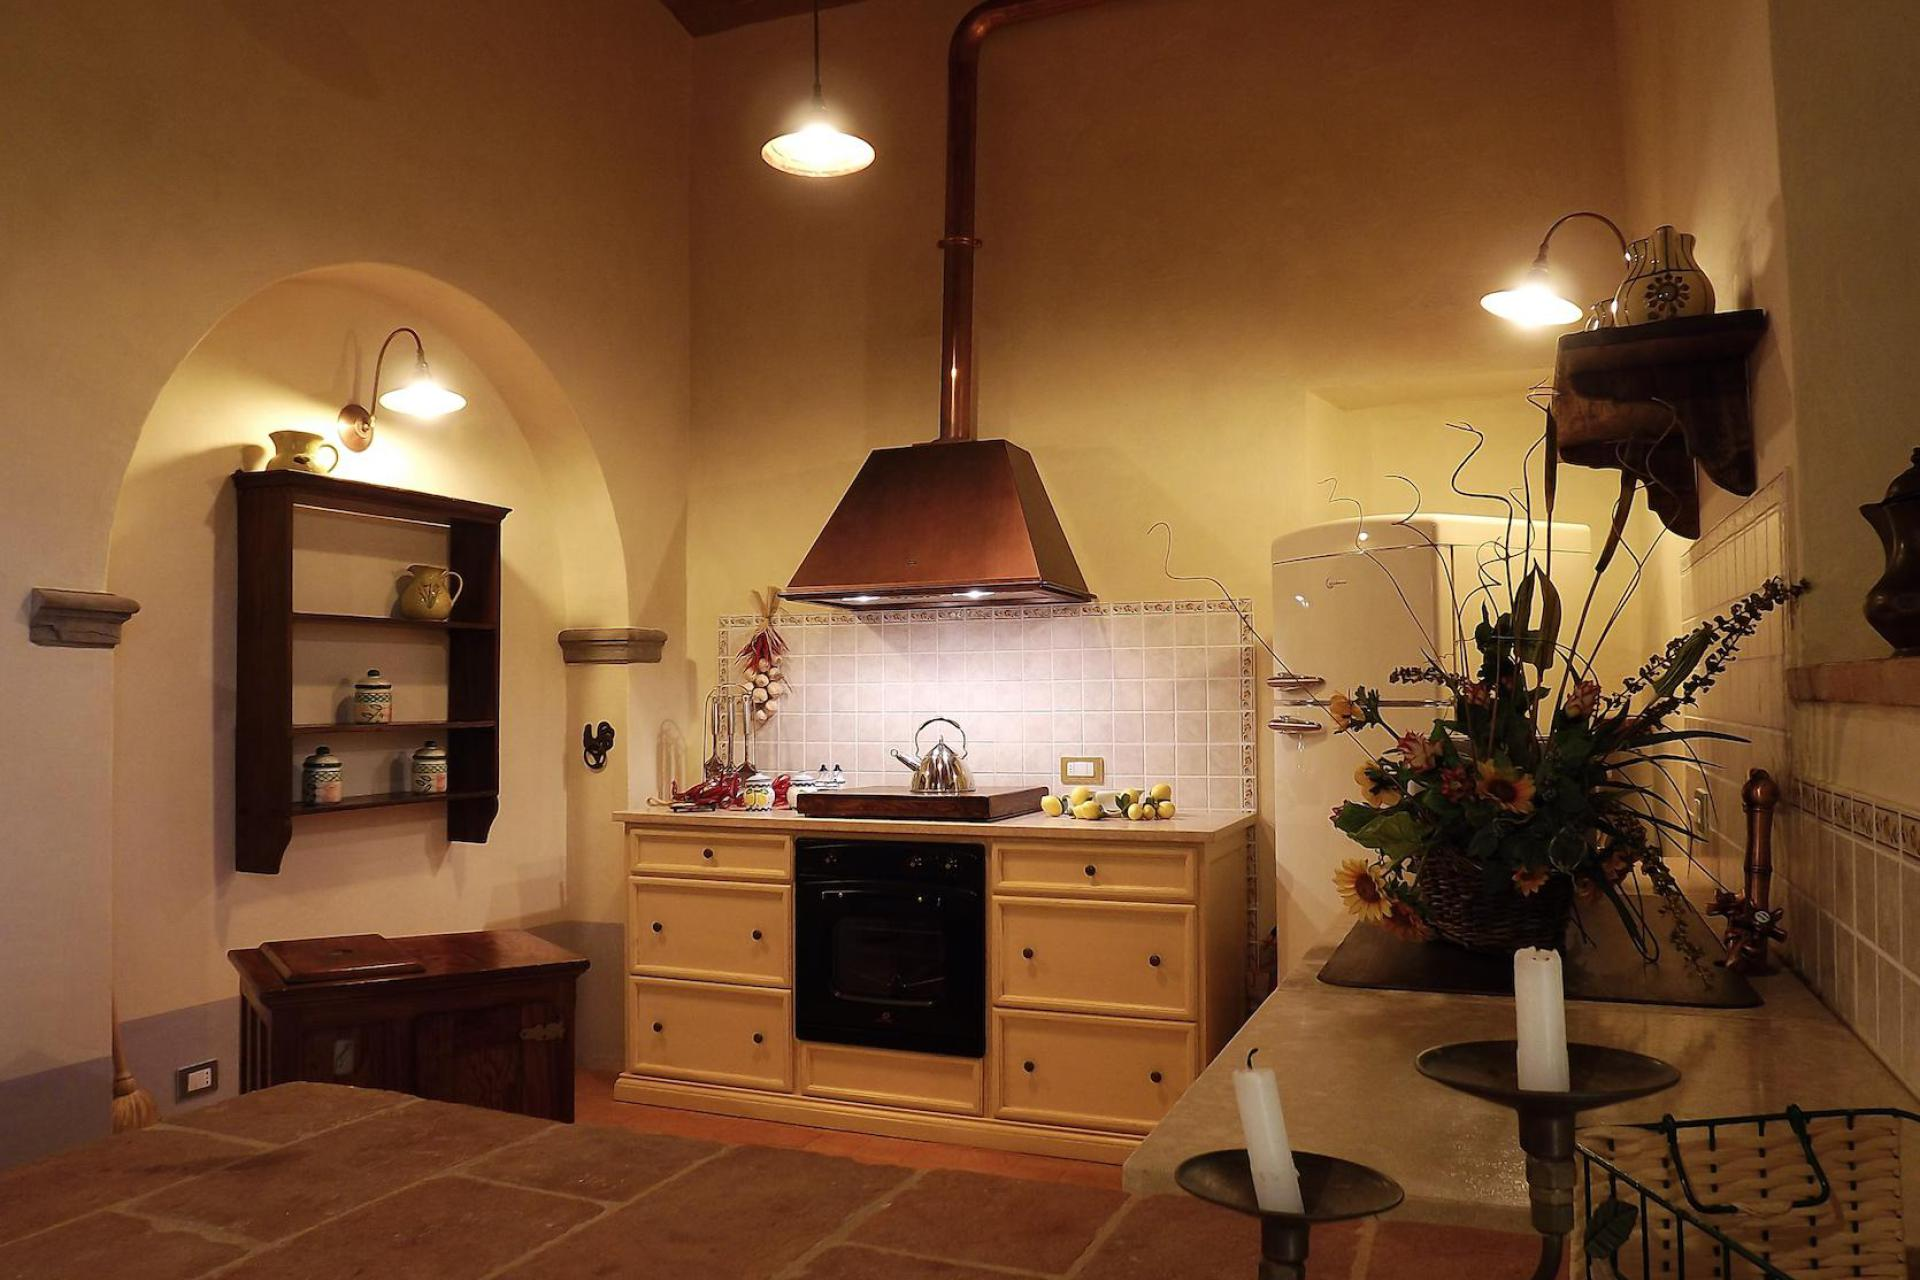 Agriturismo Toscana Eccezionale Agriturismo e cantina vicino a Firenze